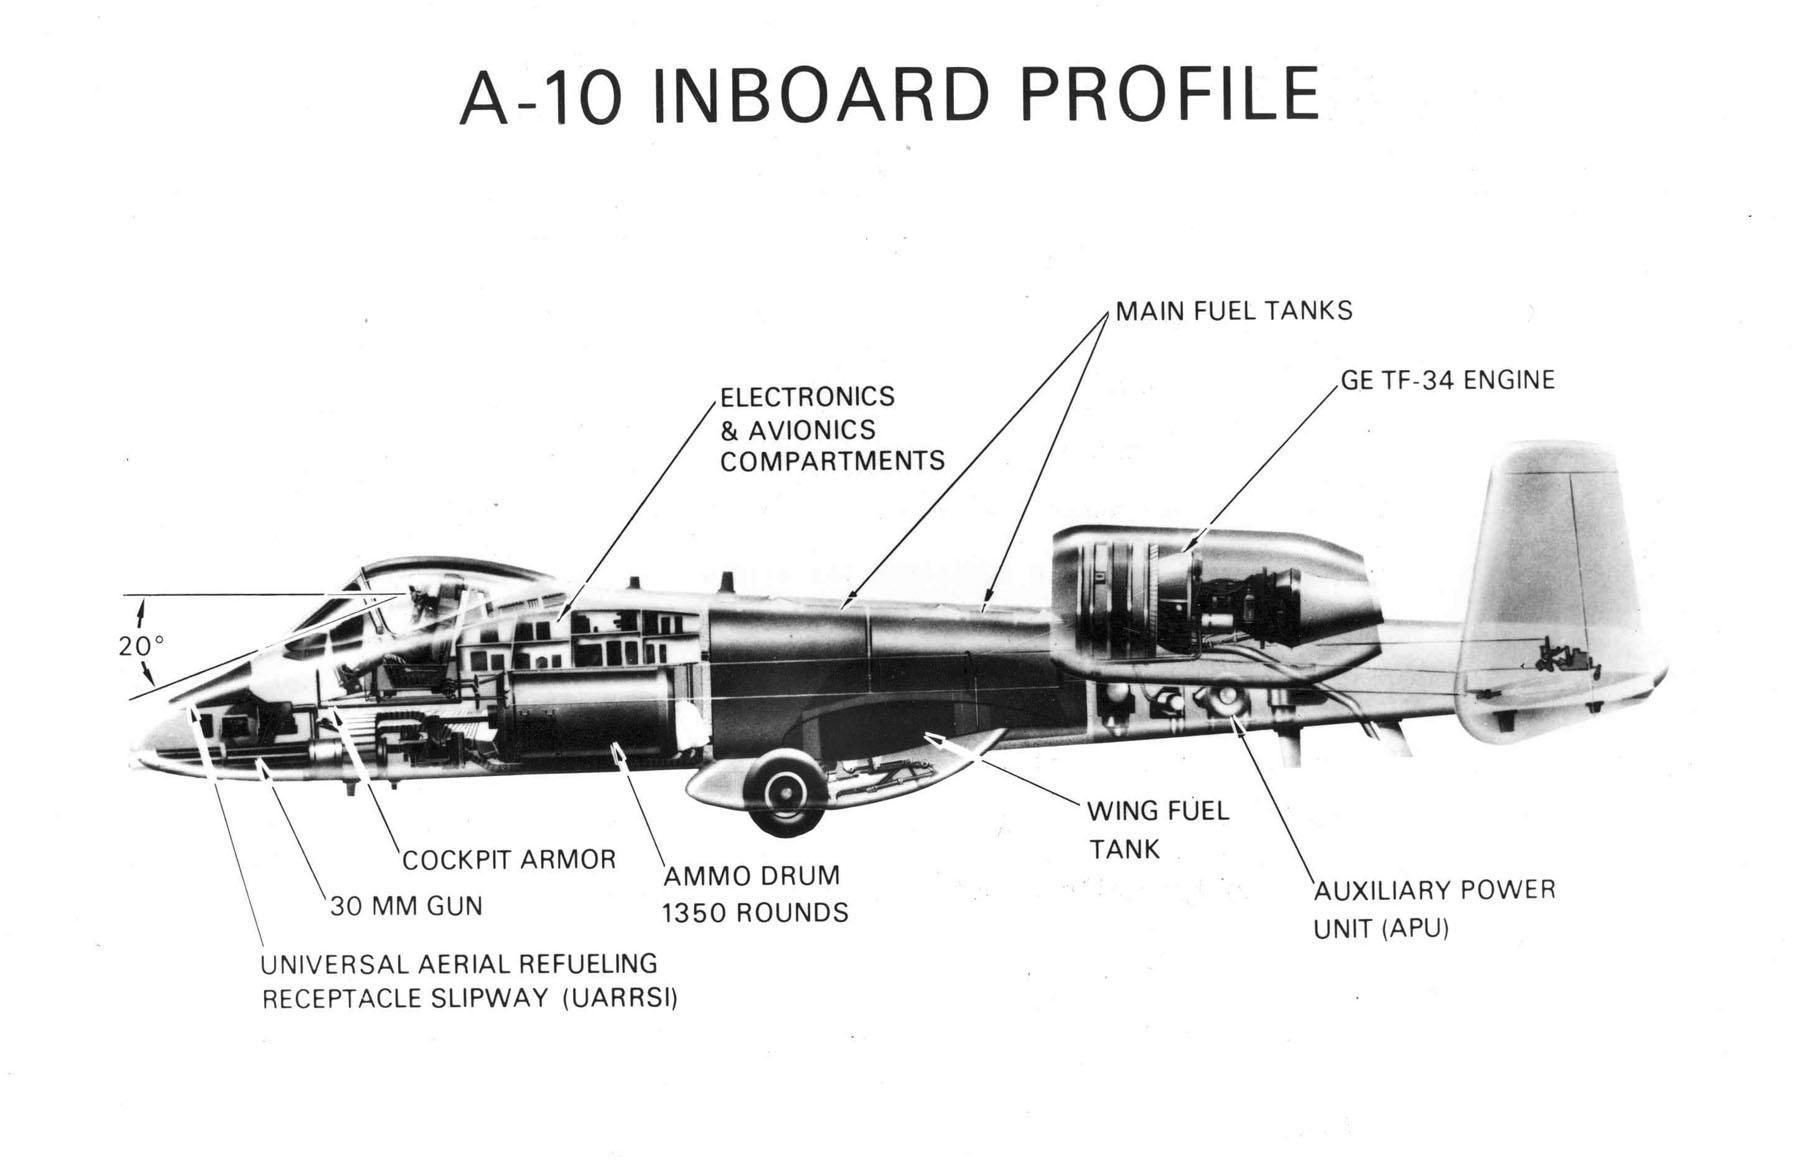 A 10 Warthog A-10 inboard pro